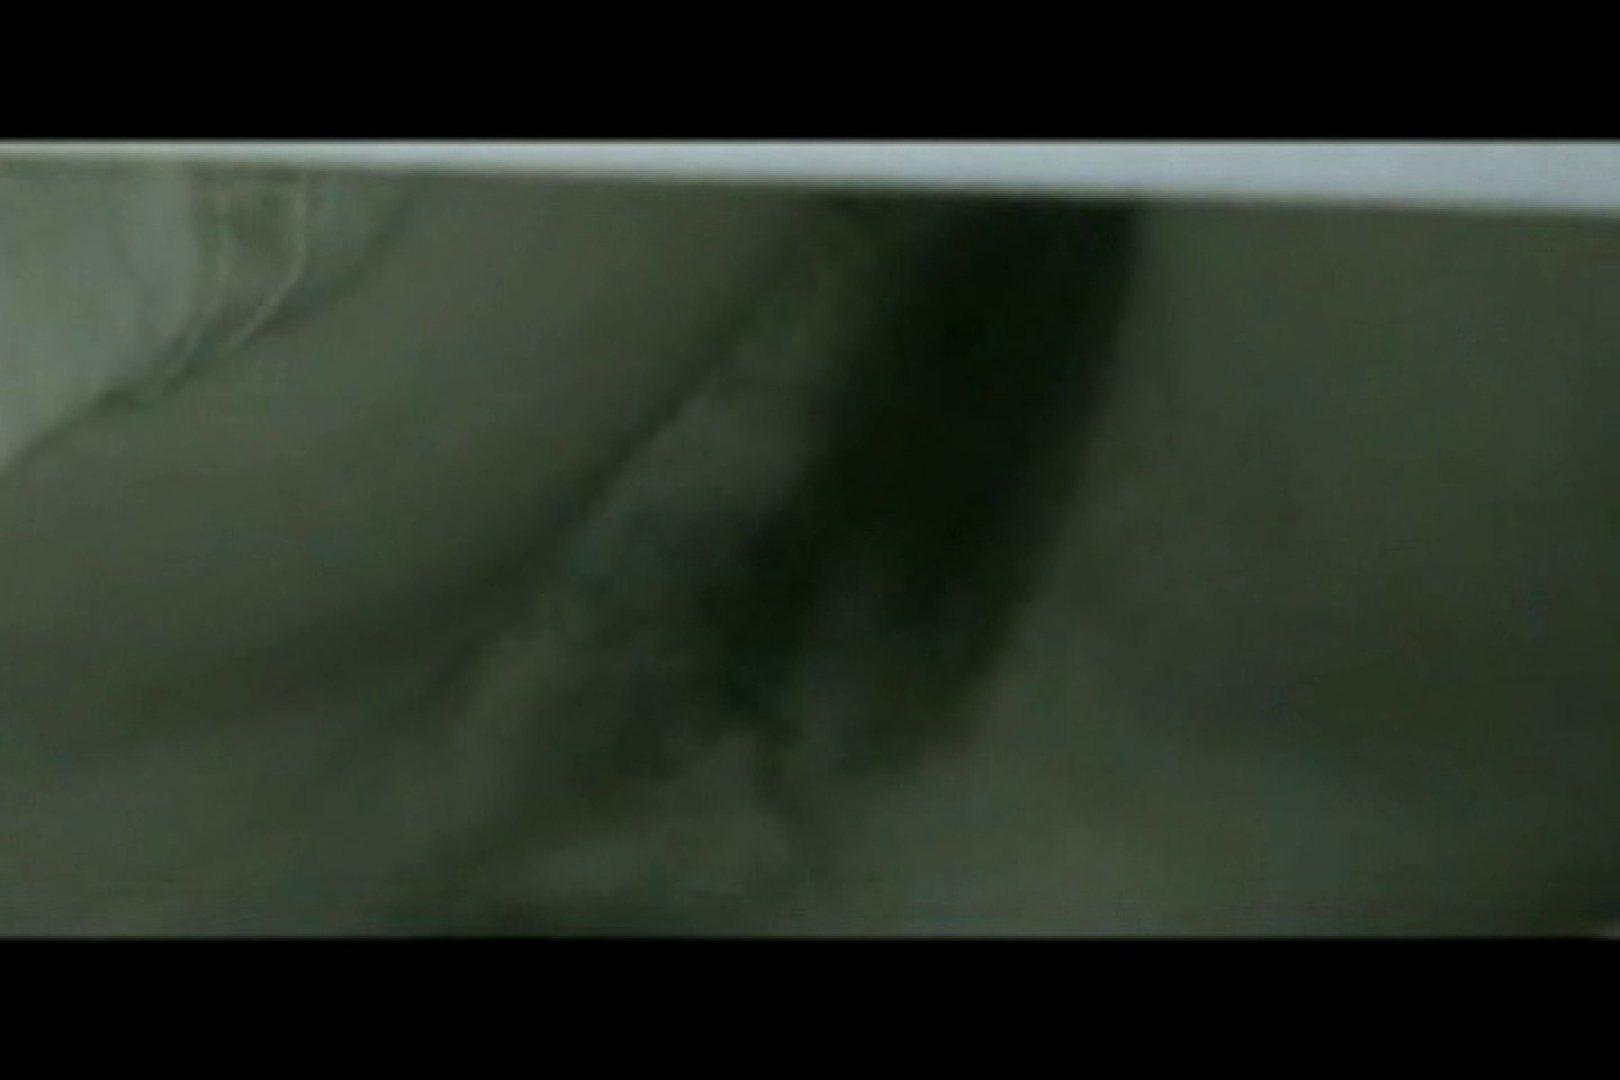 ぼっとん洗面所スペシャルVol.18 洗面所 のぞき濡れ場動画紹介 63PICs 59